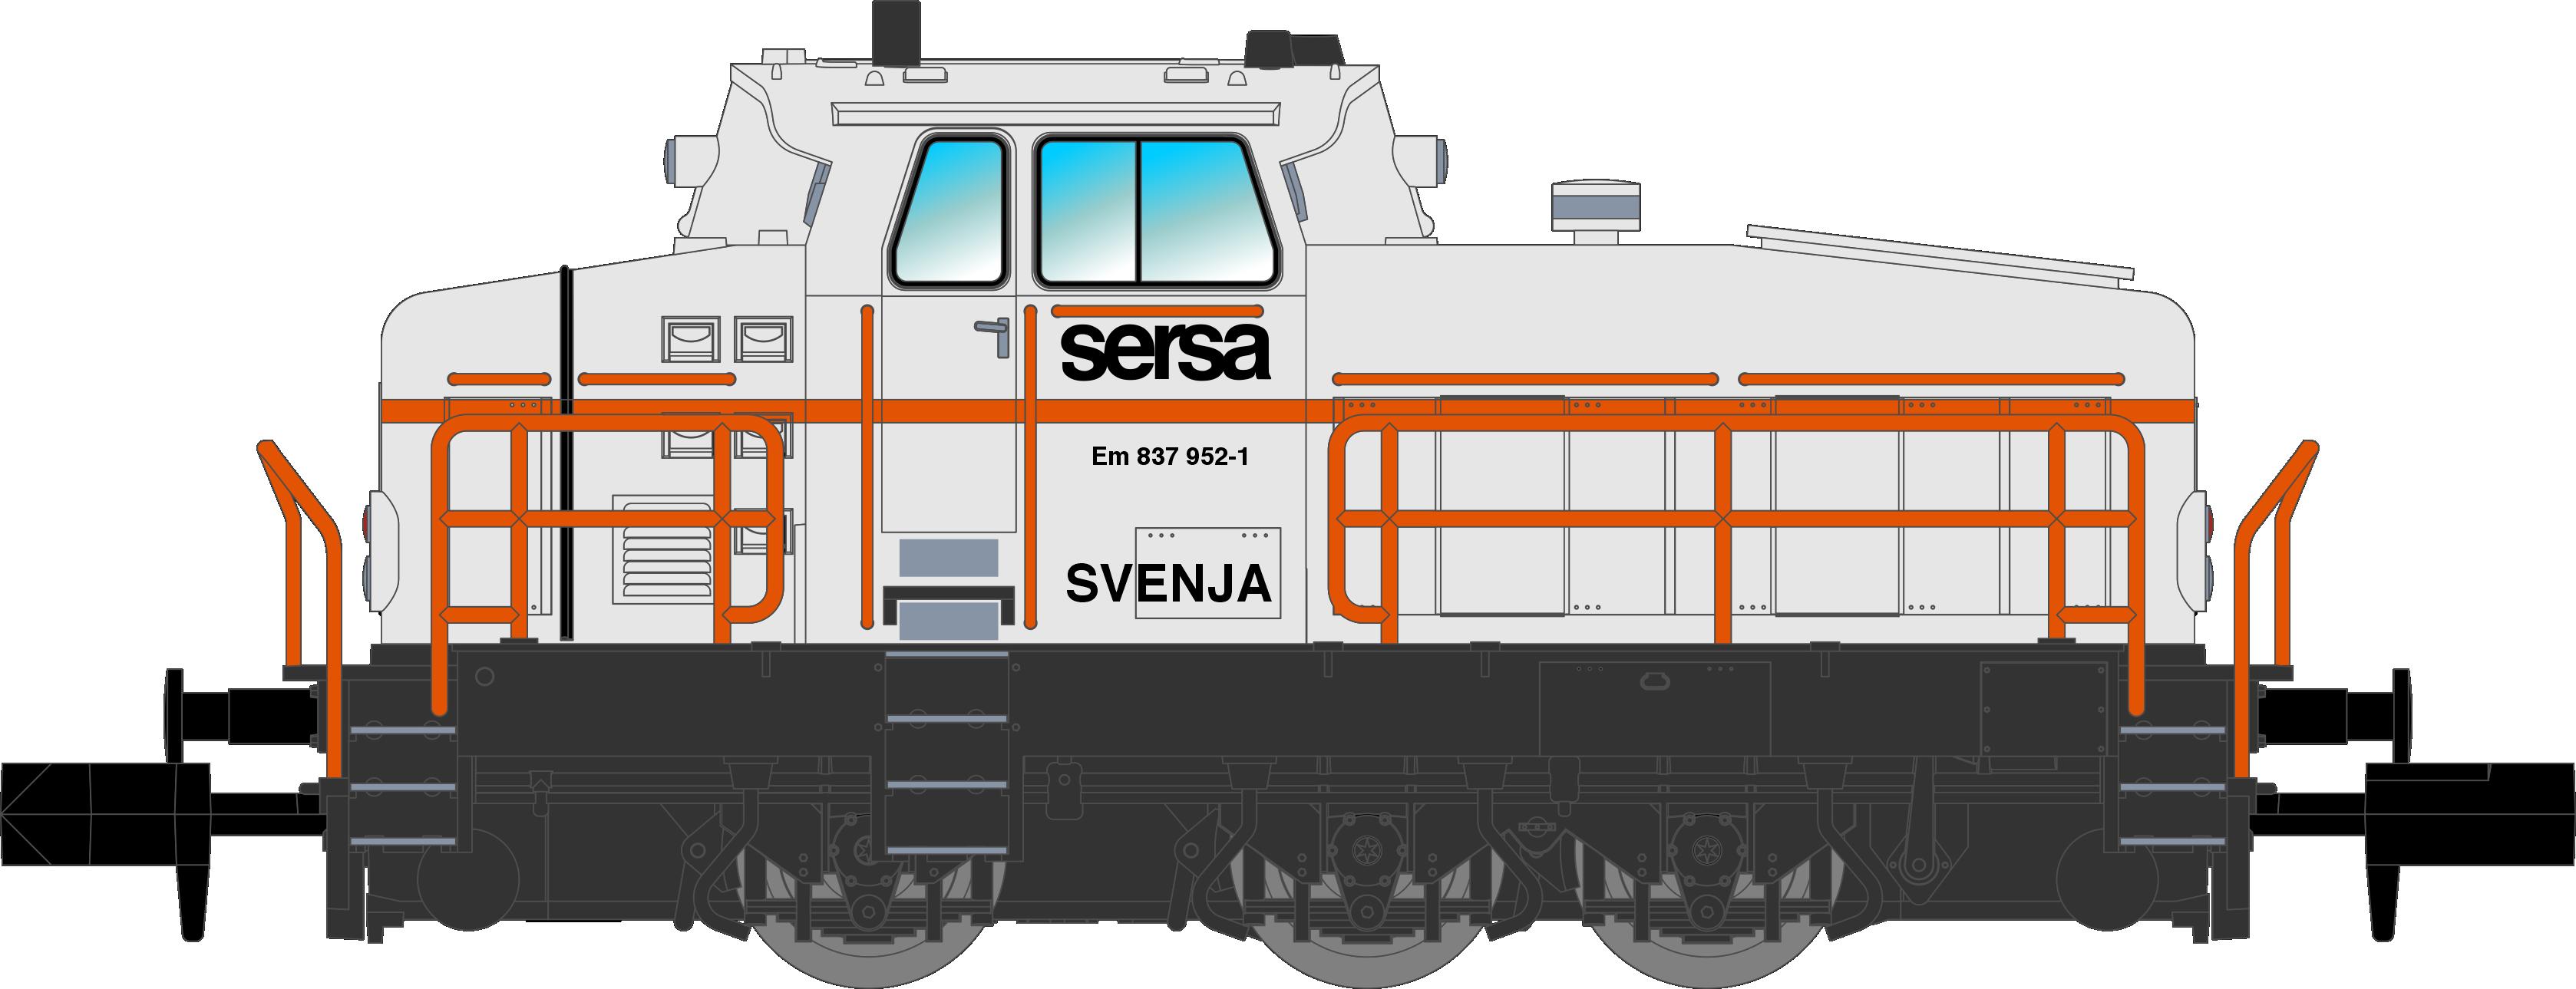 123604 DHG 700C Sersa